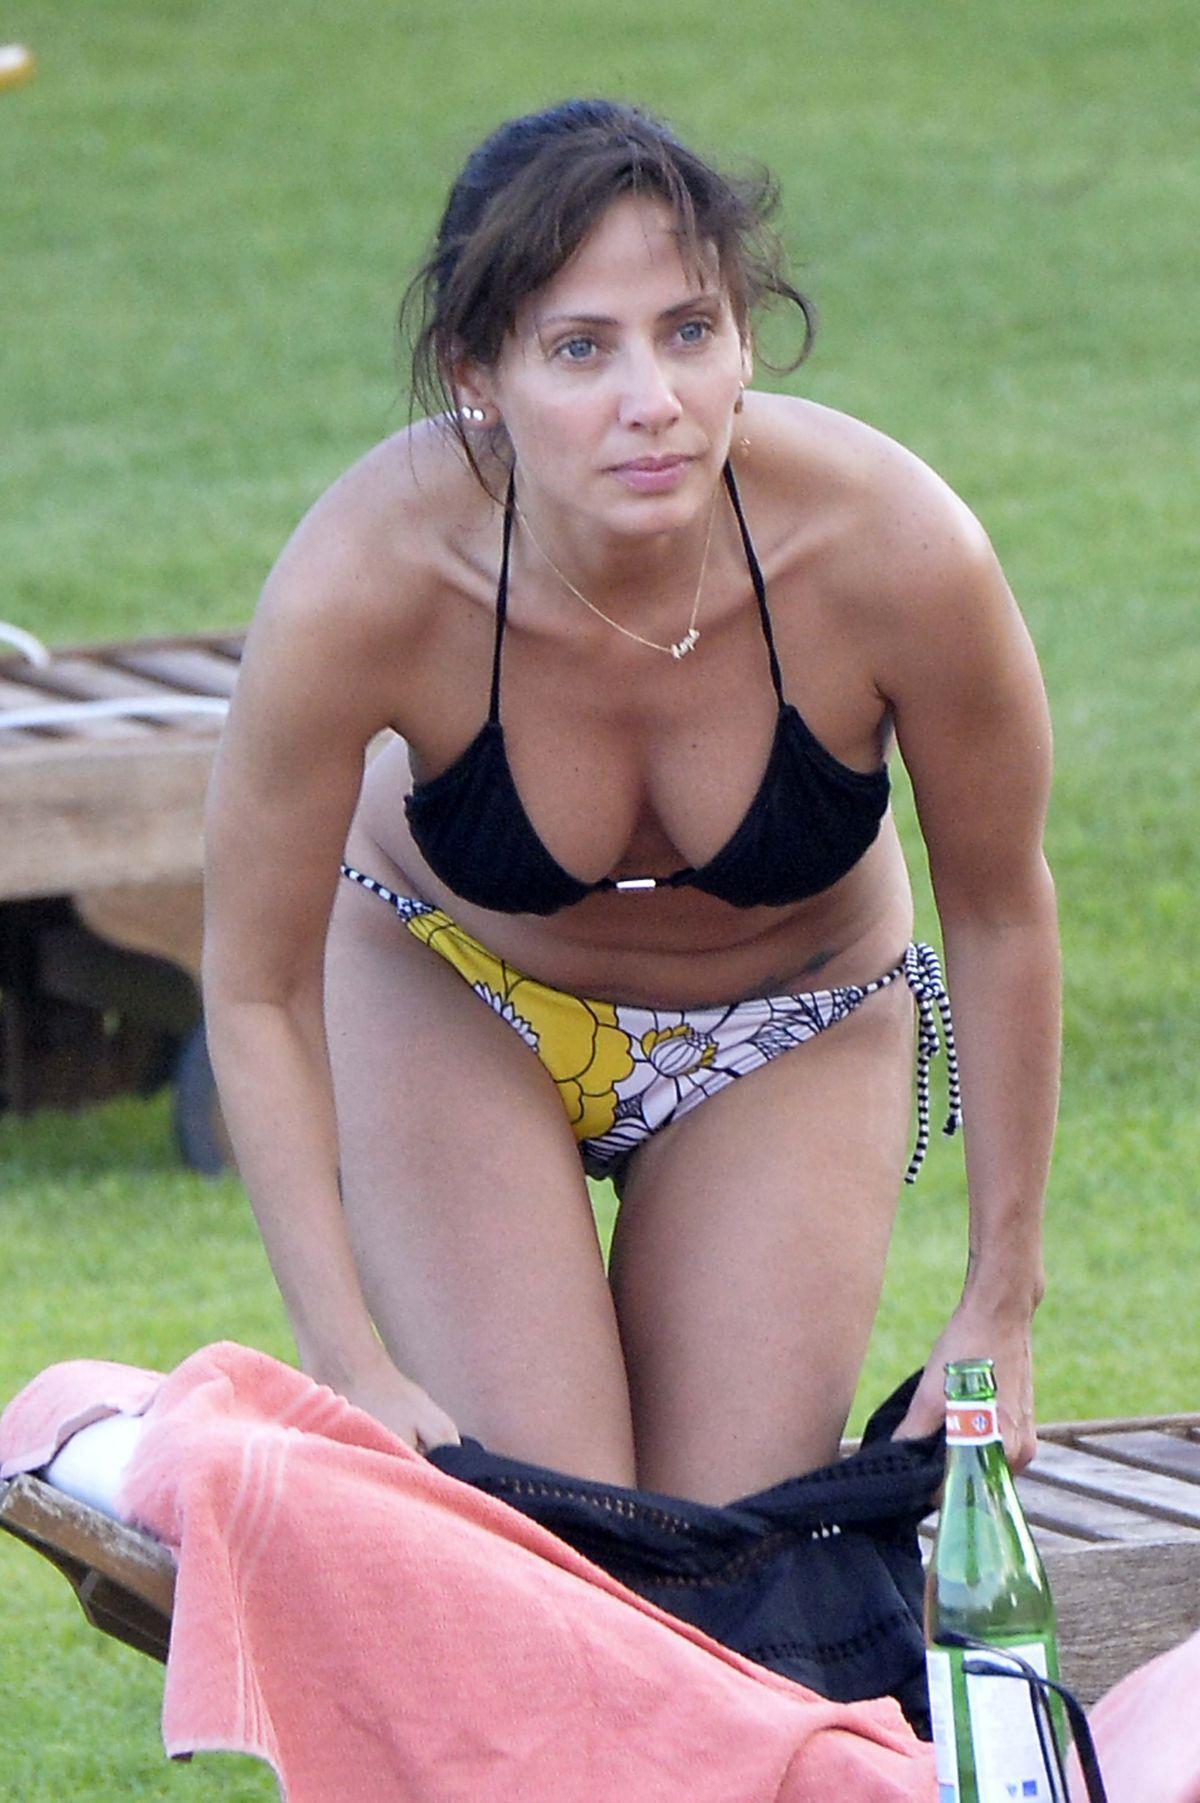 Natalie Imbruglia breasts pics